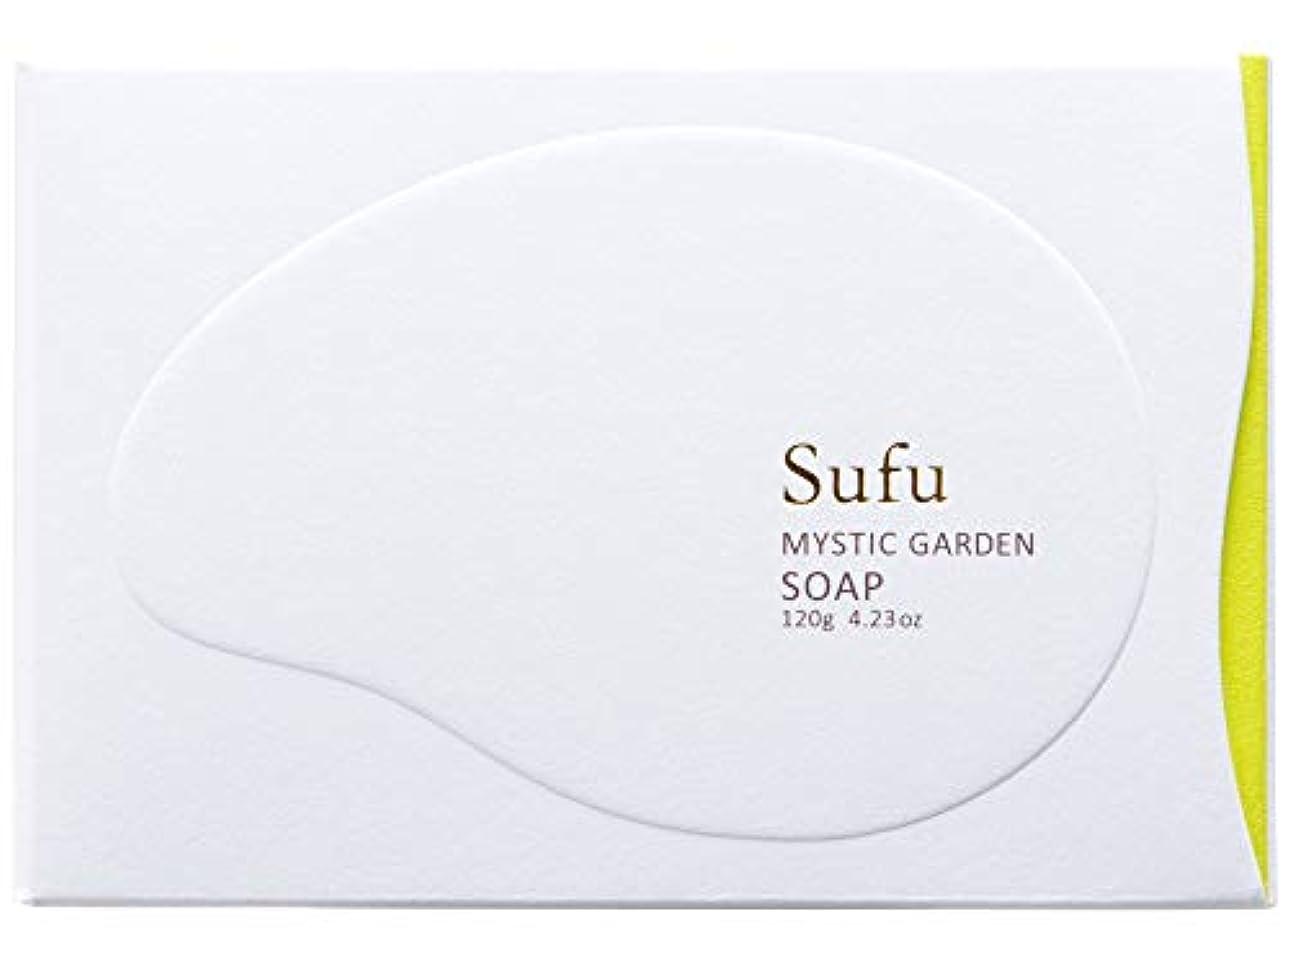 ロケーションアーティキュレーション忠実にペリカン石鹸 Sufu ソープ ミスティックガーデン 120g